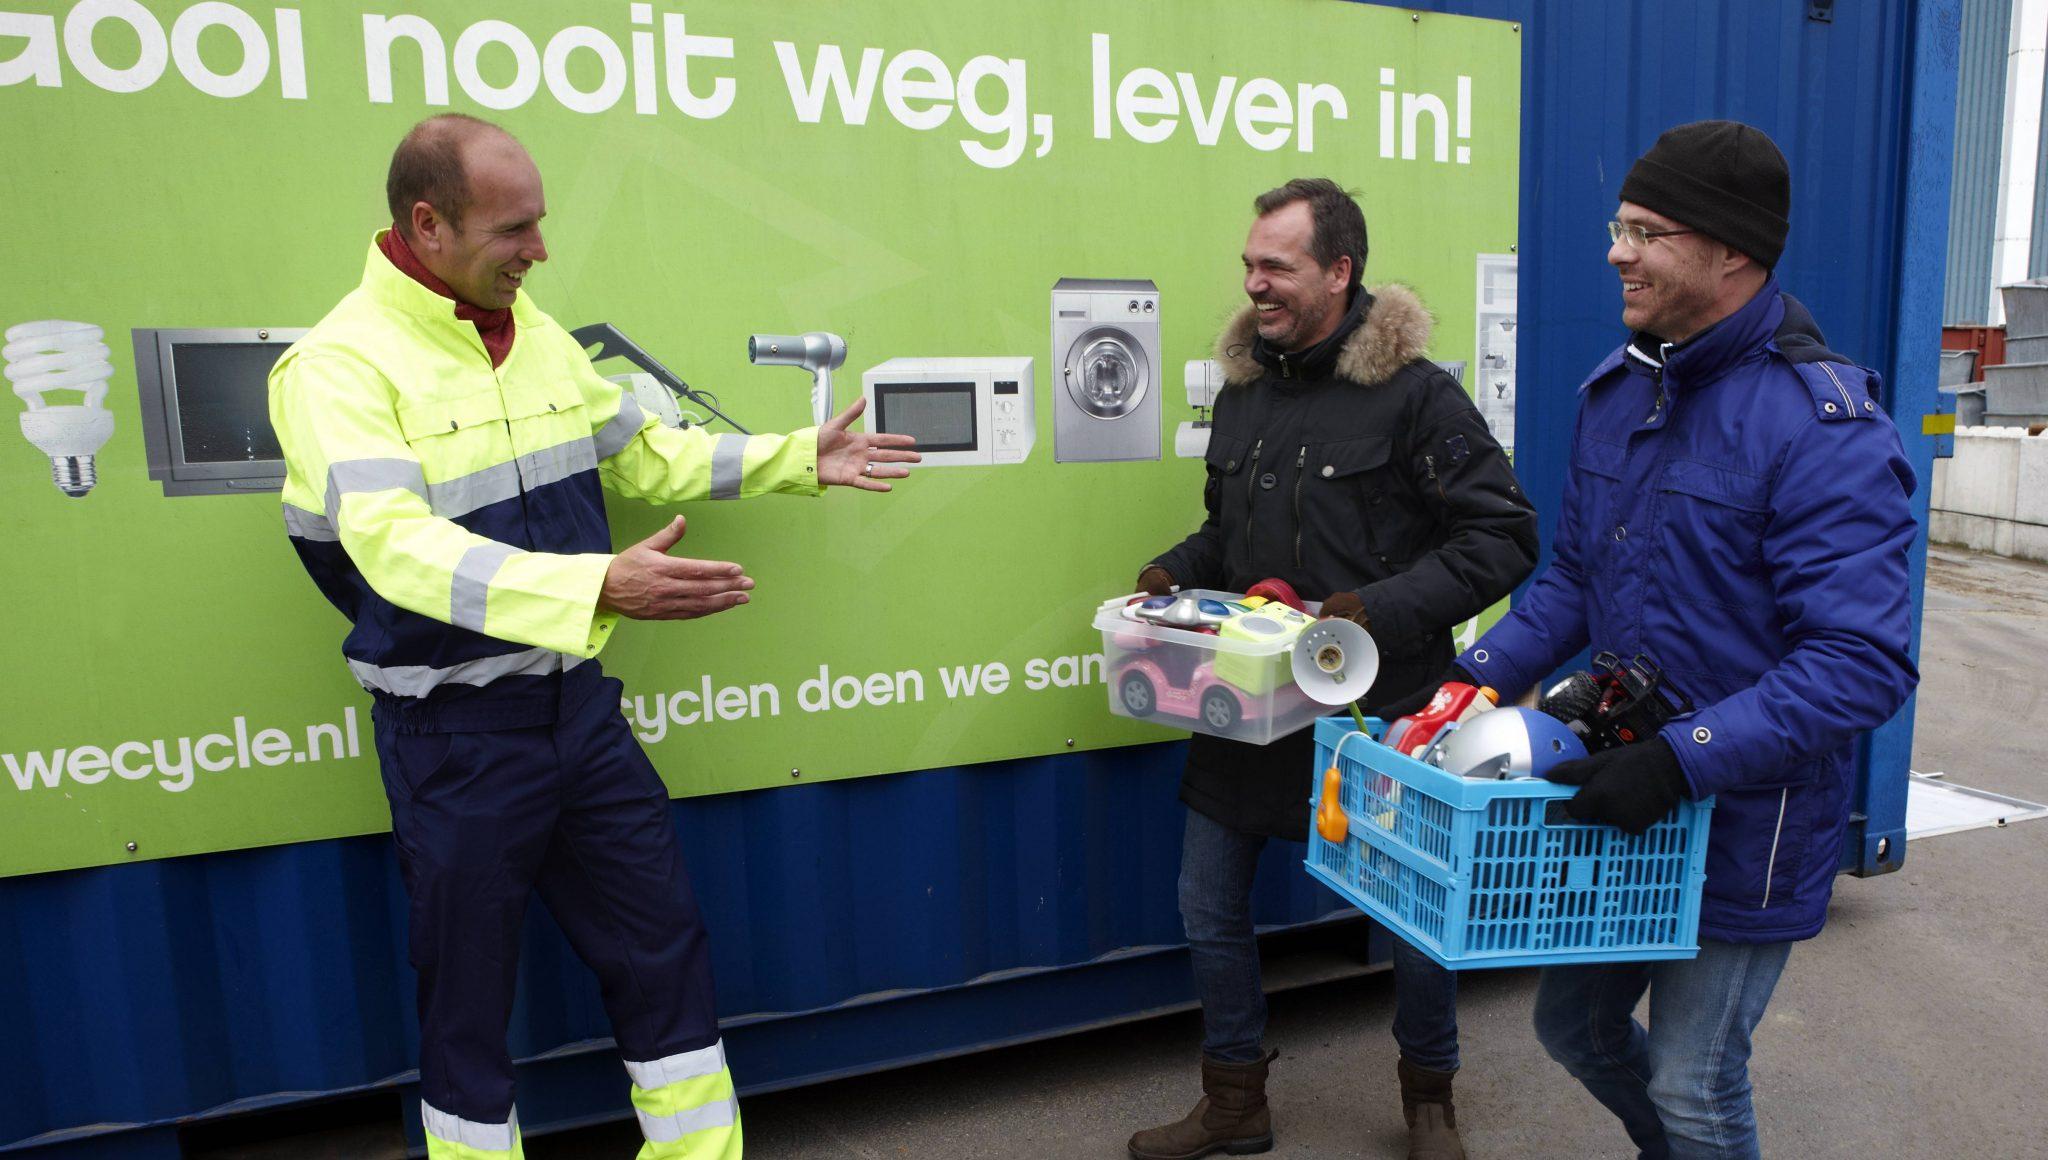 Lokaal goed doel maakt kans op Wecycle-cheque van 1.000 euro